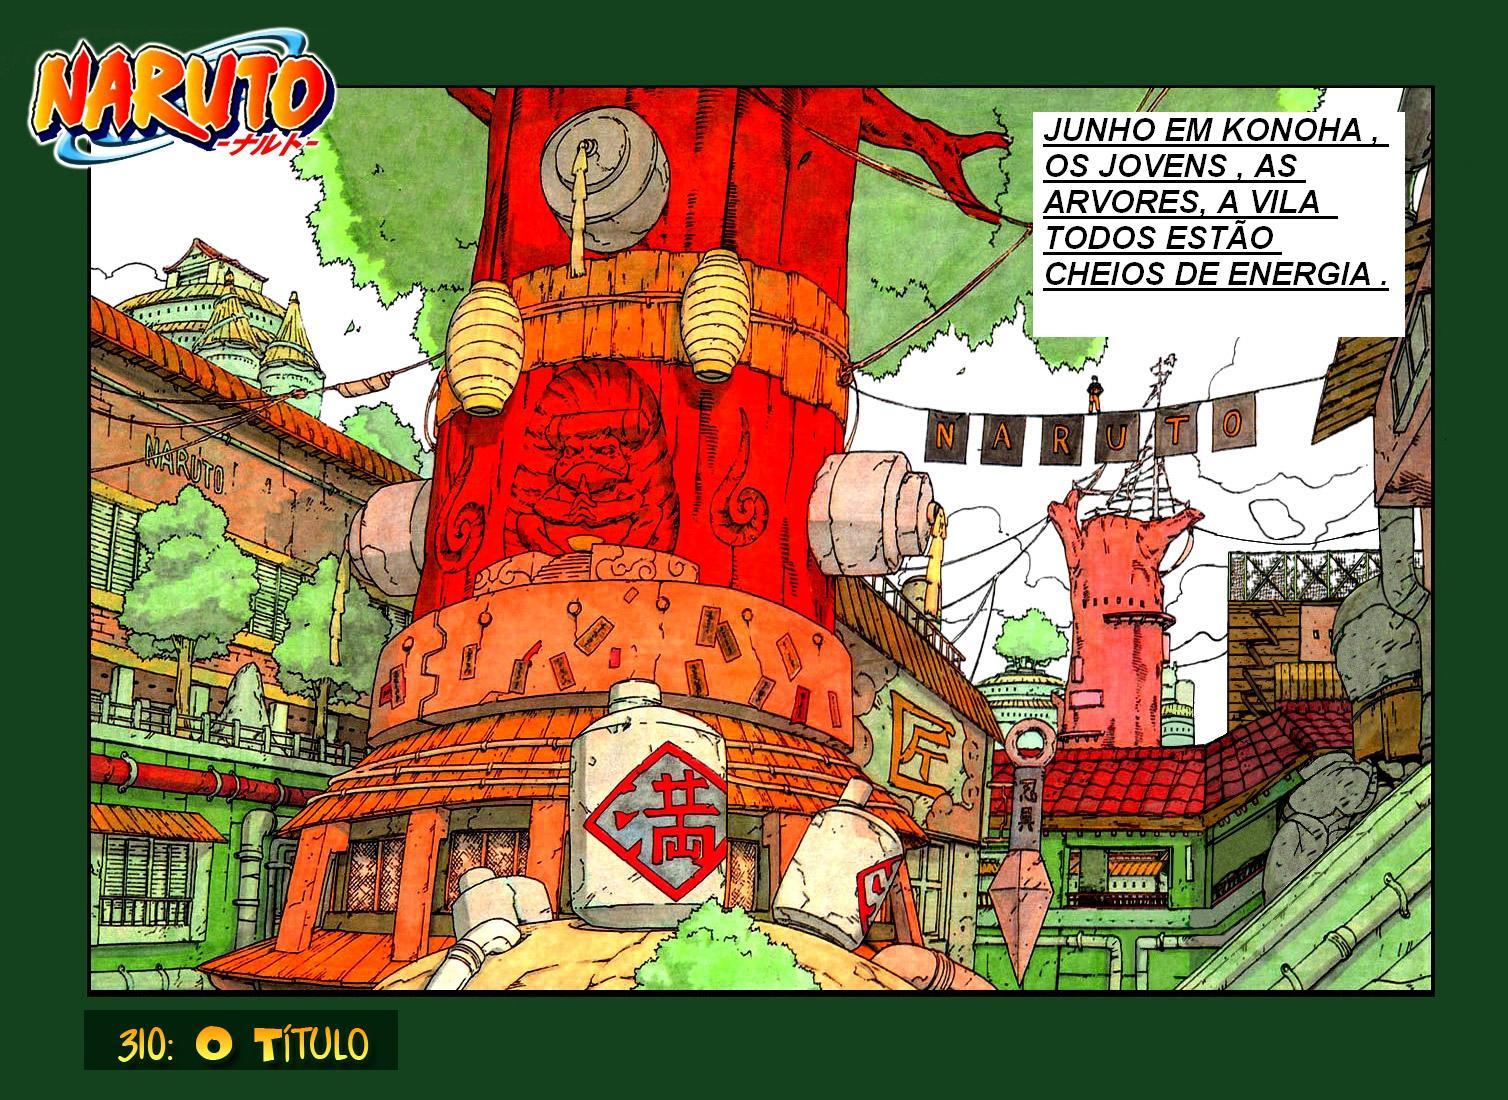 Naruto Colorido ~ Naruto Blogger Tokyo Naruto 310 Colorido